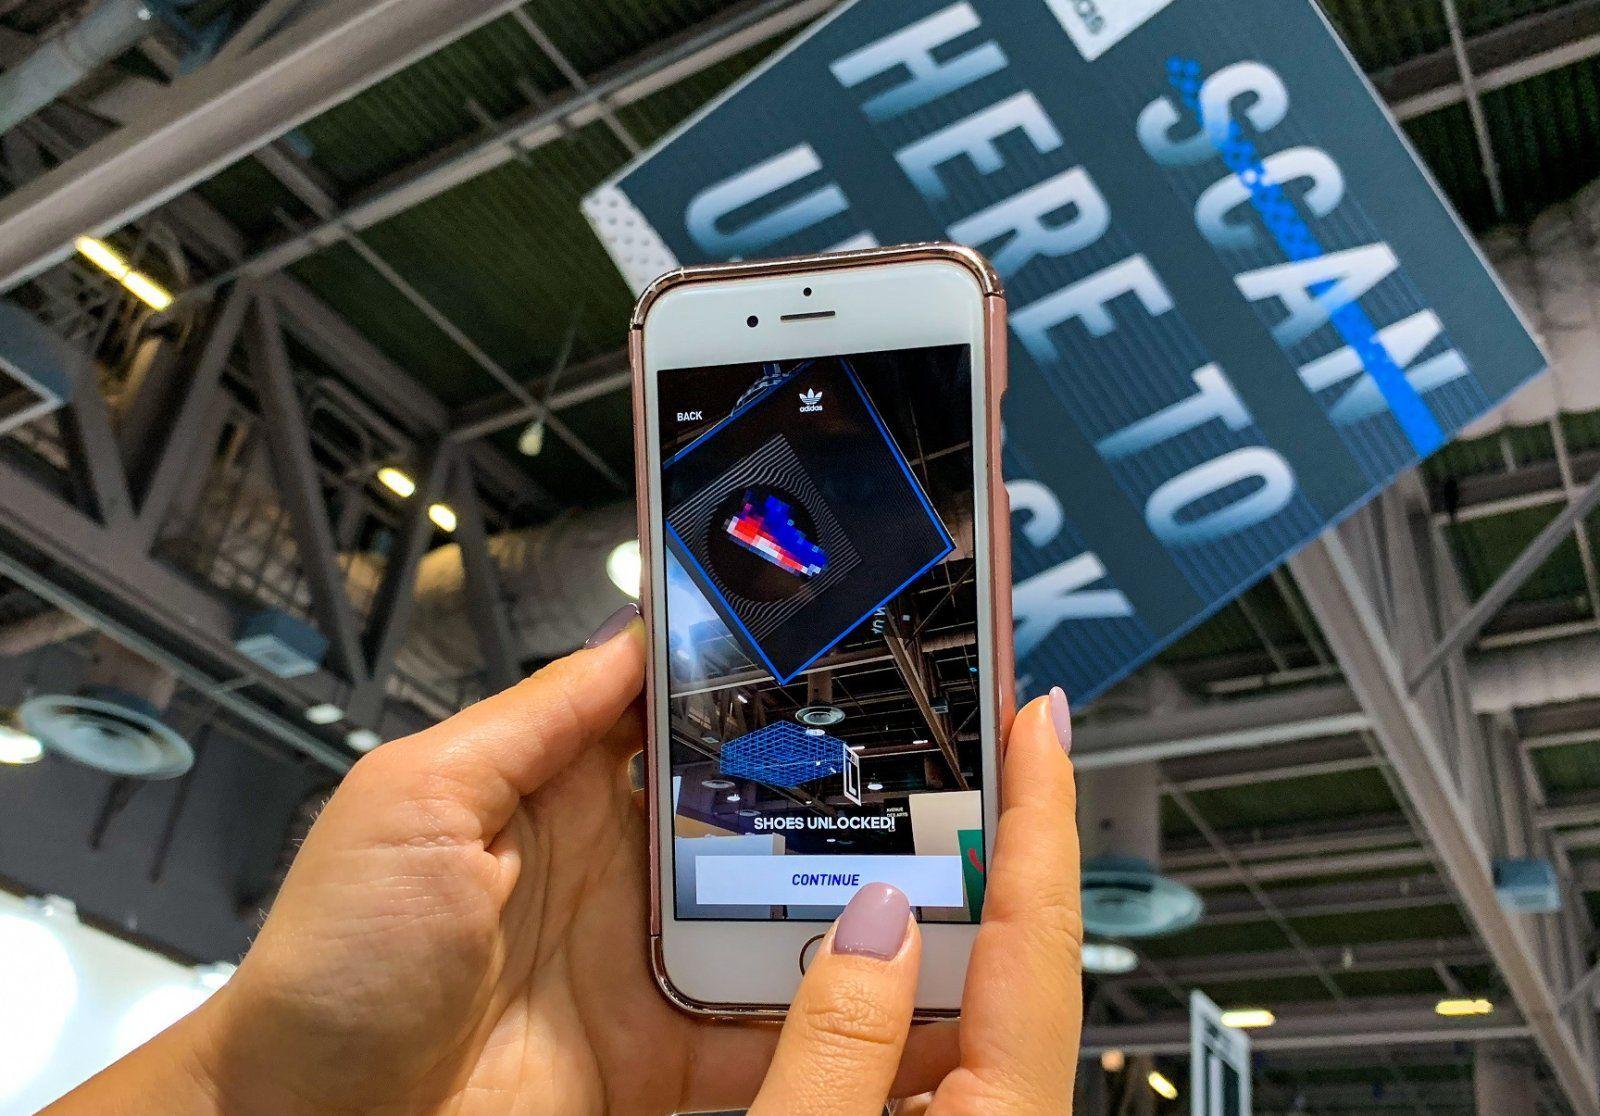 Adidas fait appel à la réalité augmentée pour vendre des